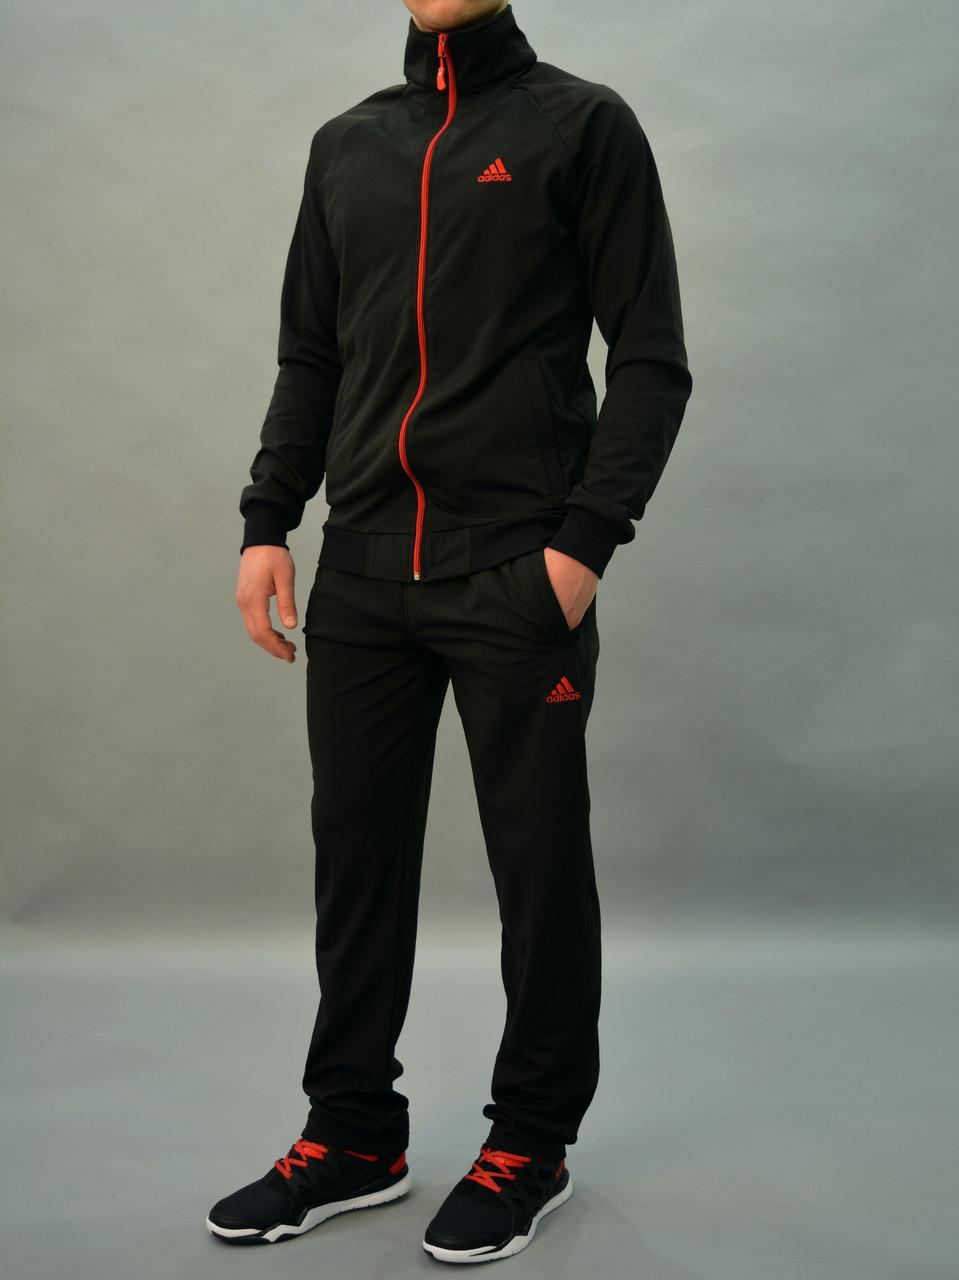 47c026c3cb4 Размеры  46-54. Черный мужской спортивный костюм Adidas (Адидас ...